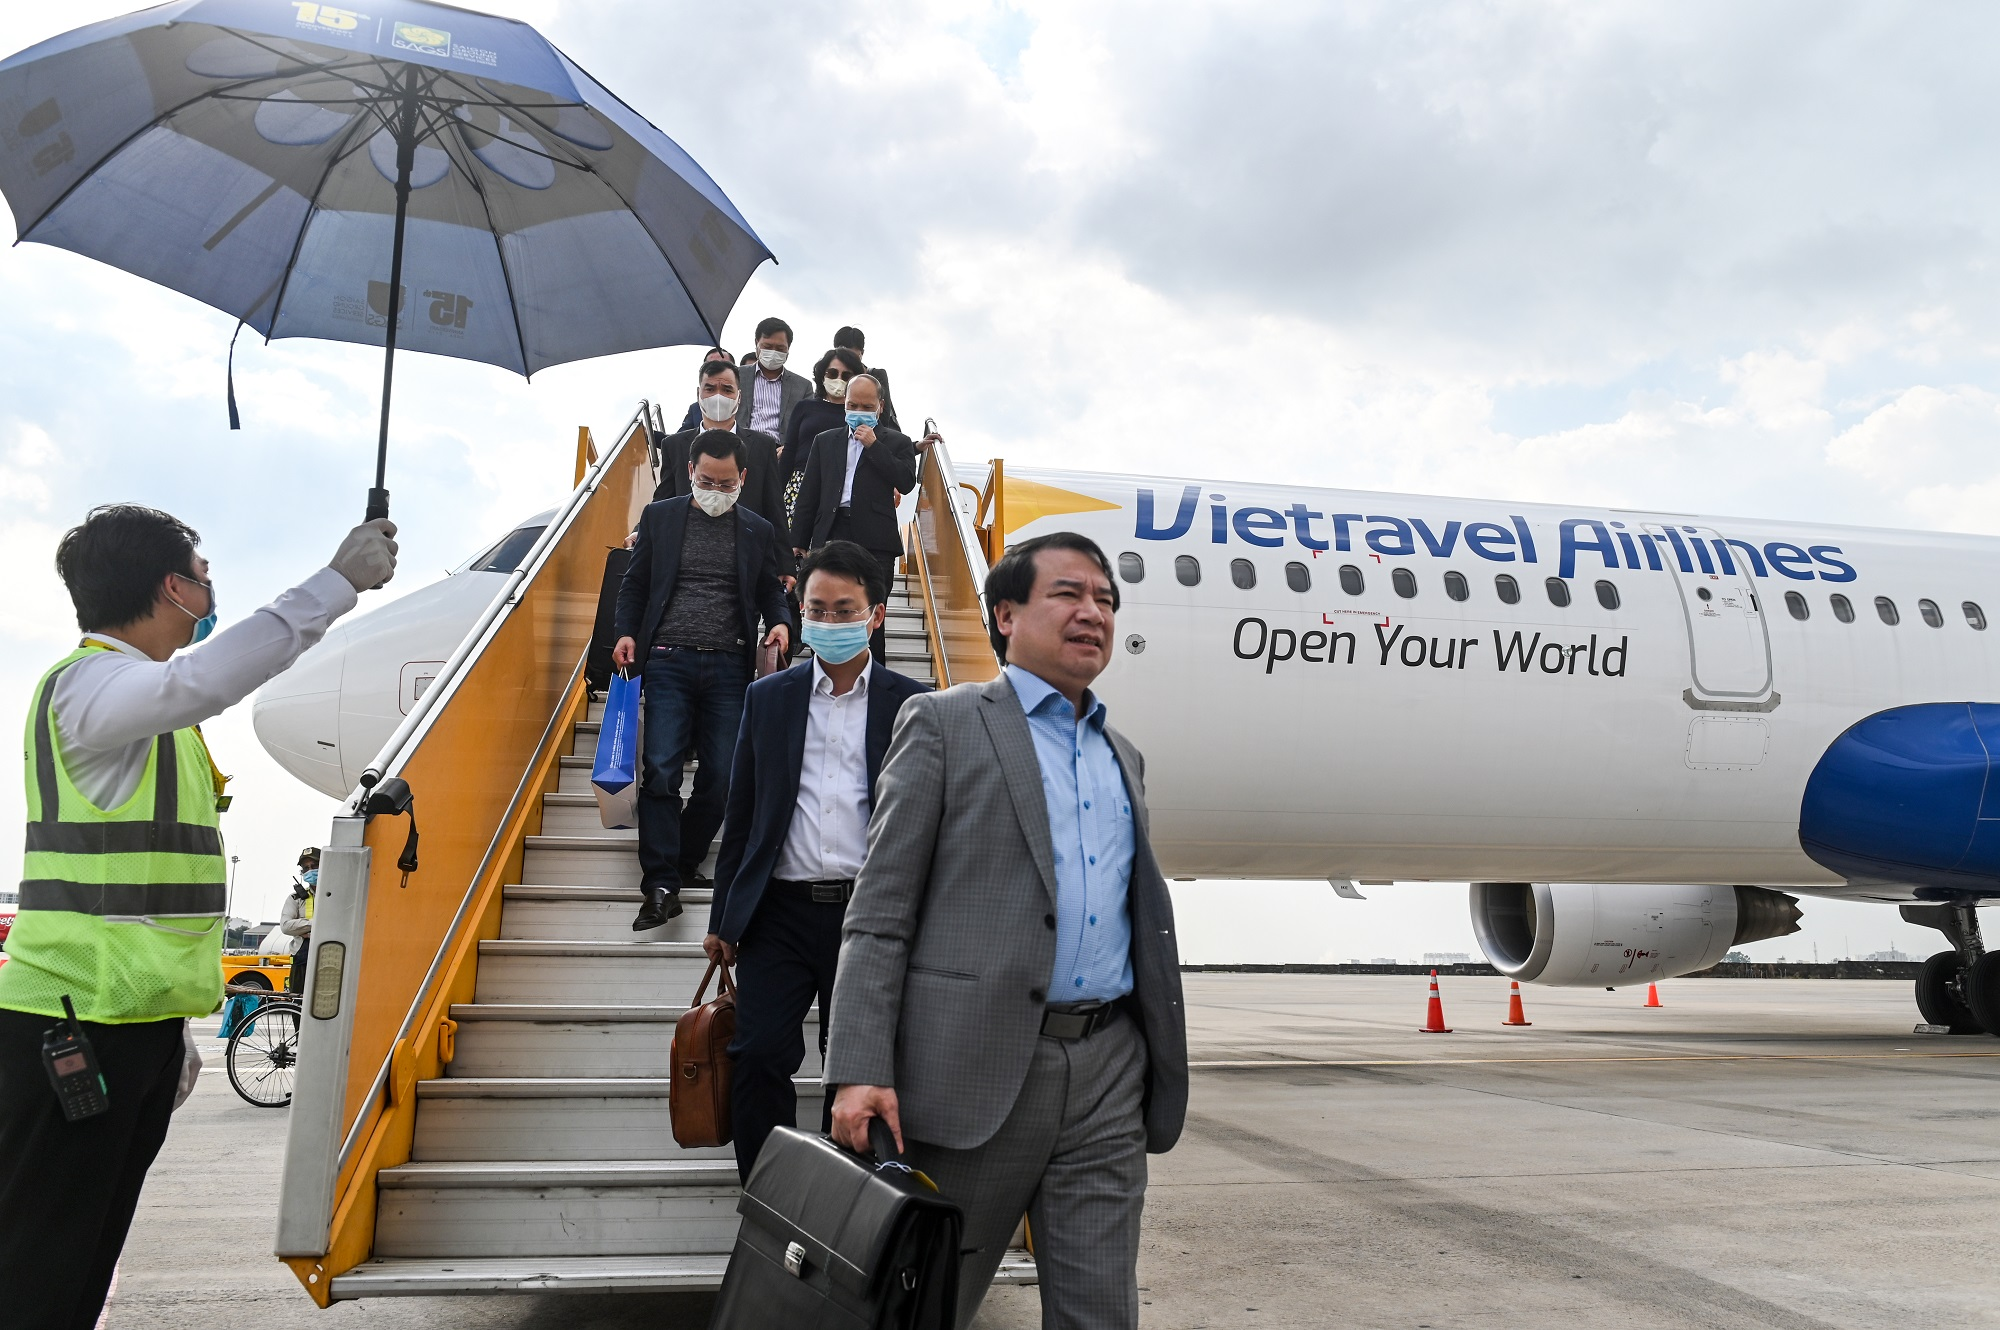 """Vietravel Airlines sẽ cất cánh chuyến bay thương mại đầu tiên vào khoảng giữa tháng 1/2020 để phục vụ hành khách trong dịp Tết Nguyên đán Tân Sửu. Giá vé của """"tân binh"""" này sẽ ở phân khúc giữa mức giá của Vietjet và Bamboo Airways."""